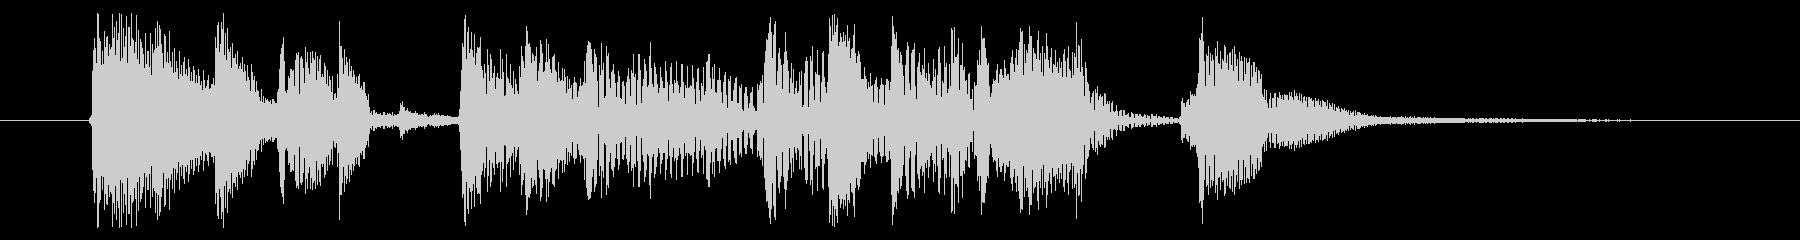 アコギとマリンバの爽やかジングル 2の未再生の波形